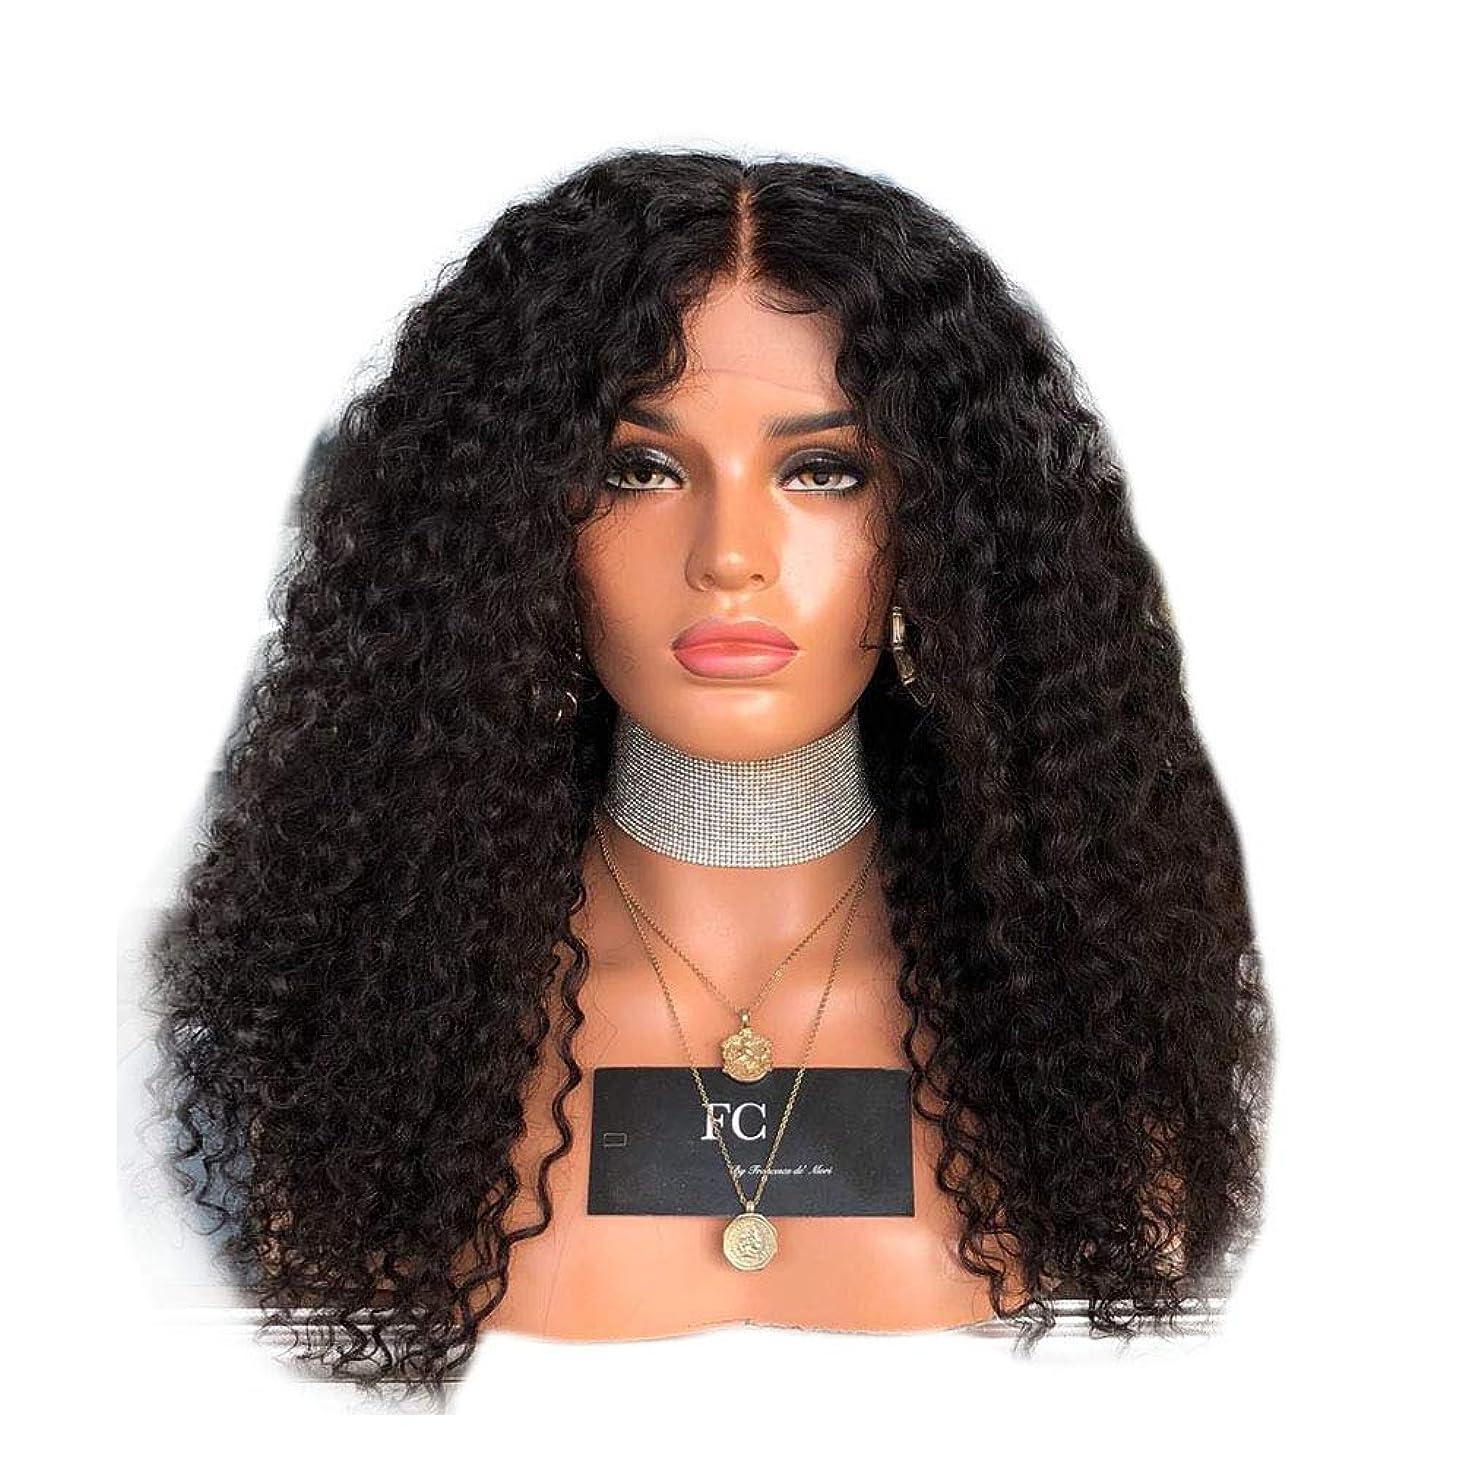 ゴールドボウリング百科事典Yrattary 女性の黒の長い巻き毛のフロントレースかつらアフリカの黒のかつら合成髪のレースのかつらロールプレイングかつら (色 : 黒, サイズ : 18 inches)